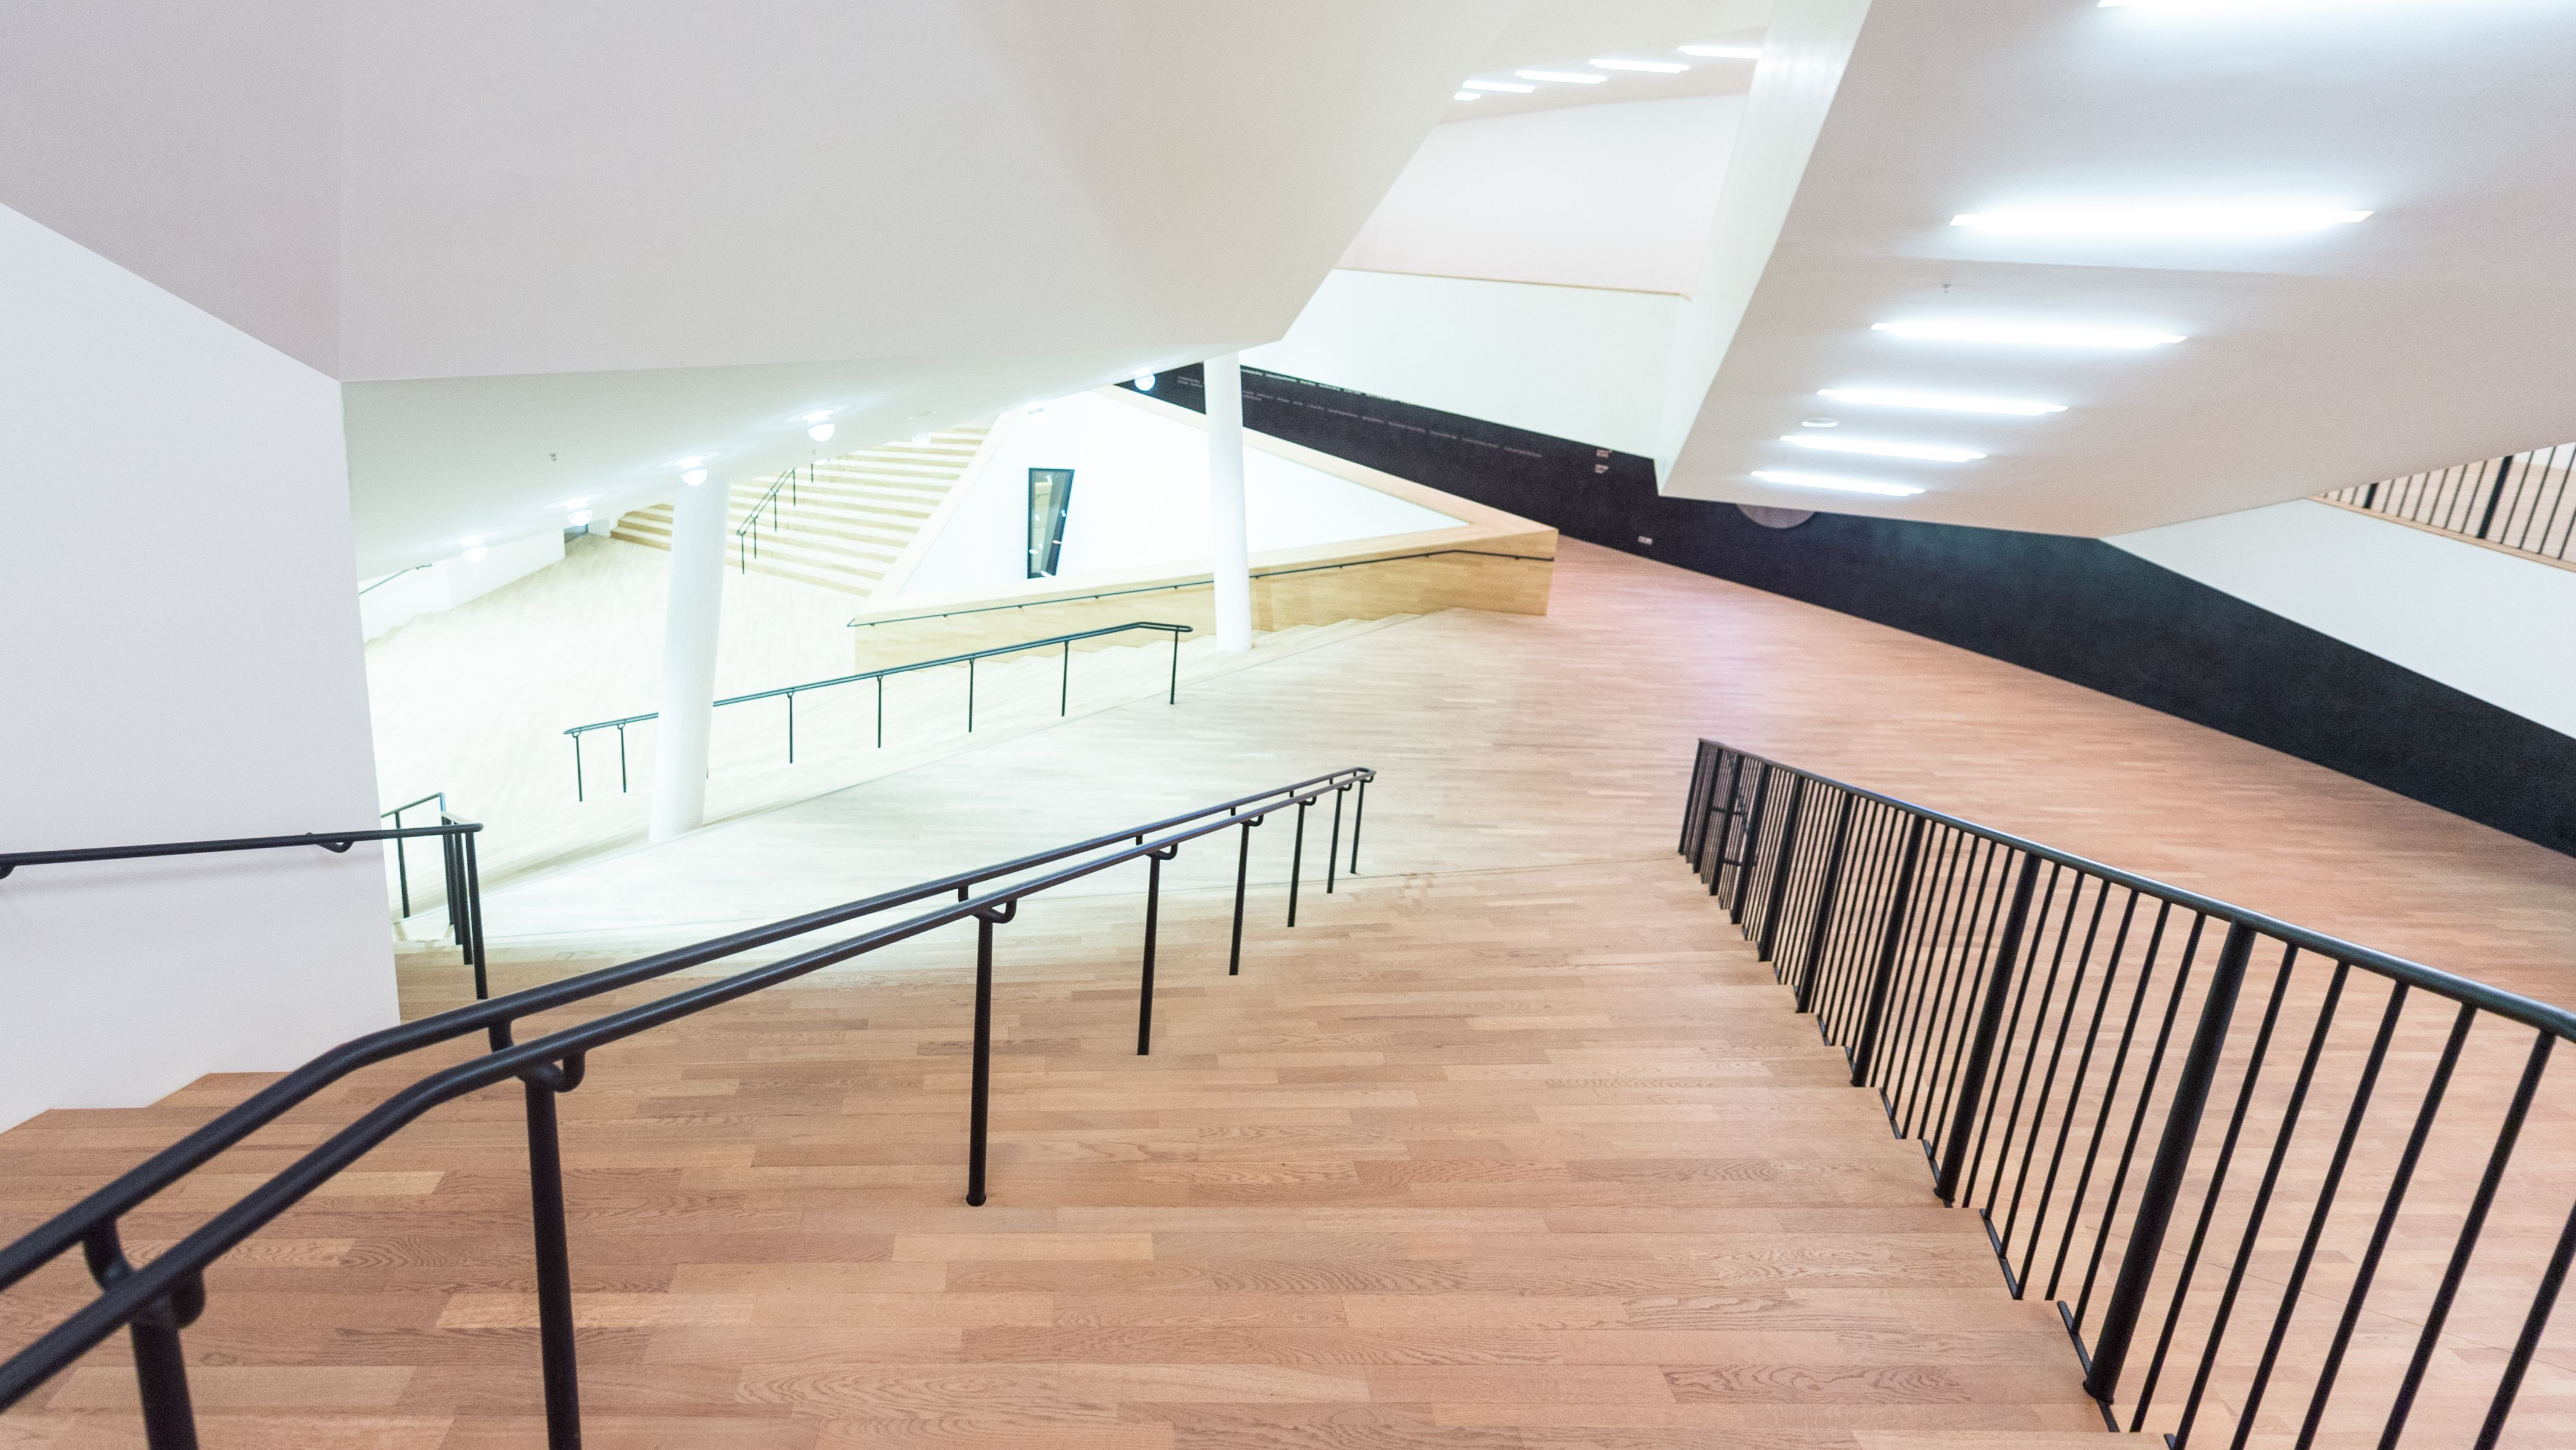 Blick von der obersten Stufe einer steilen Treppe in der Hamburger Elbphilharmonie